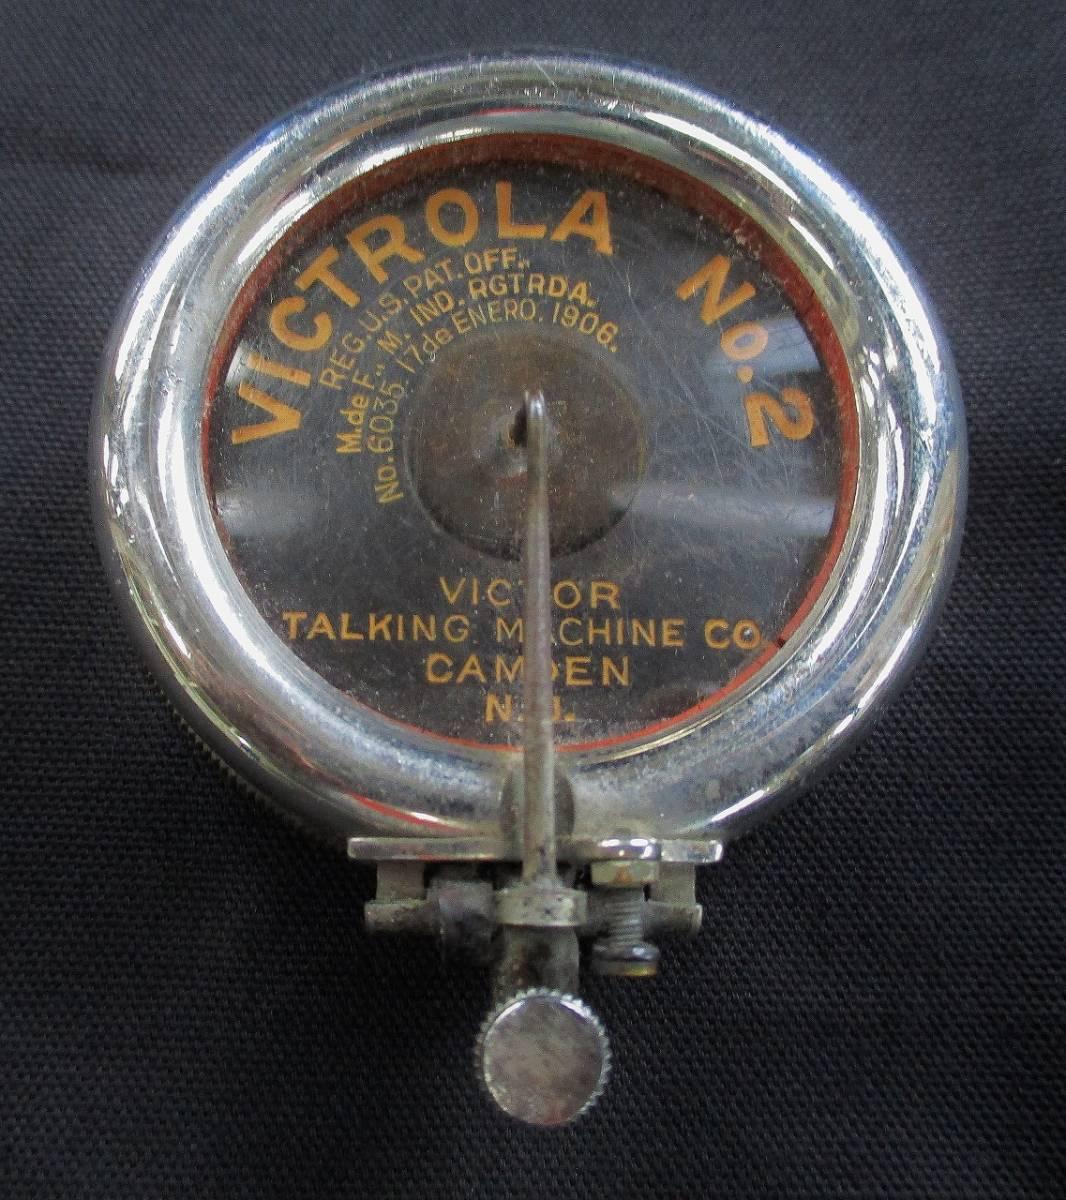 ビクター蓄音機のサウンドボックス VICTROLA NO2 送料は全国一律レターパックプラス 520円